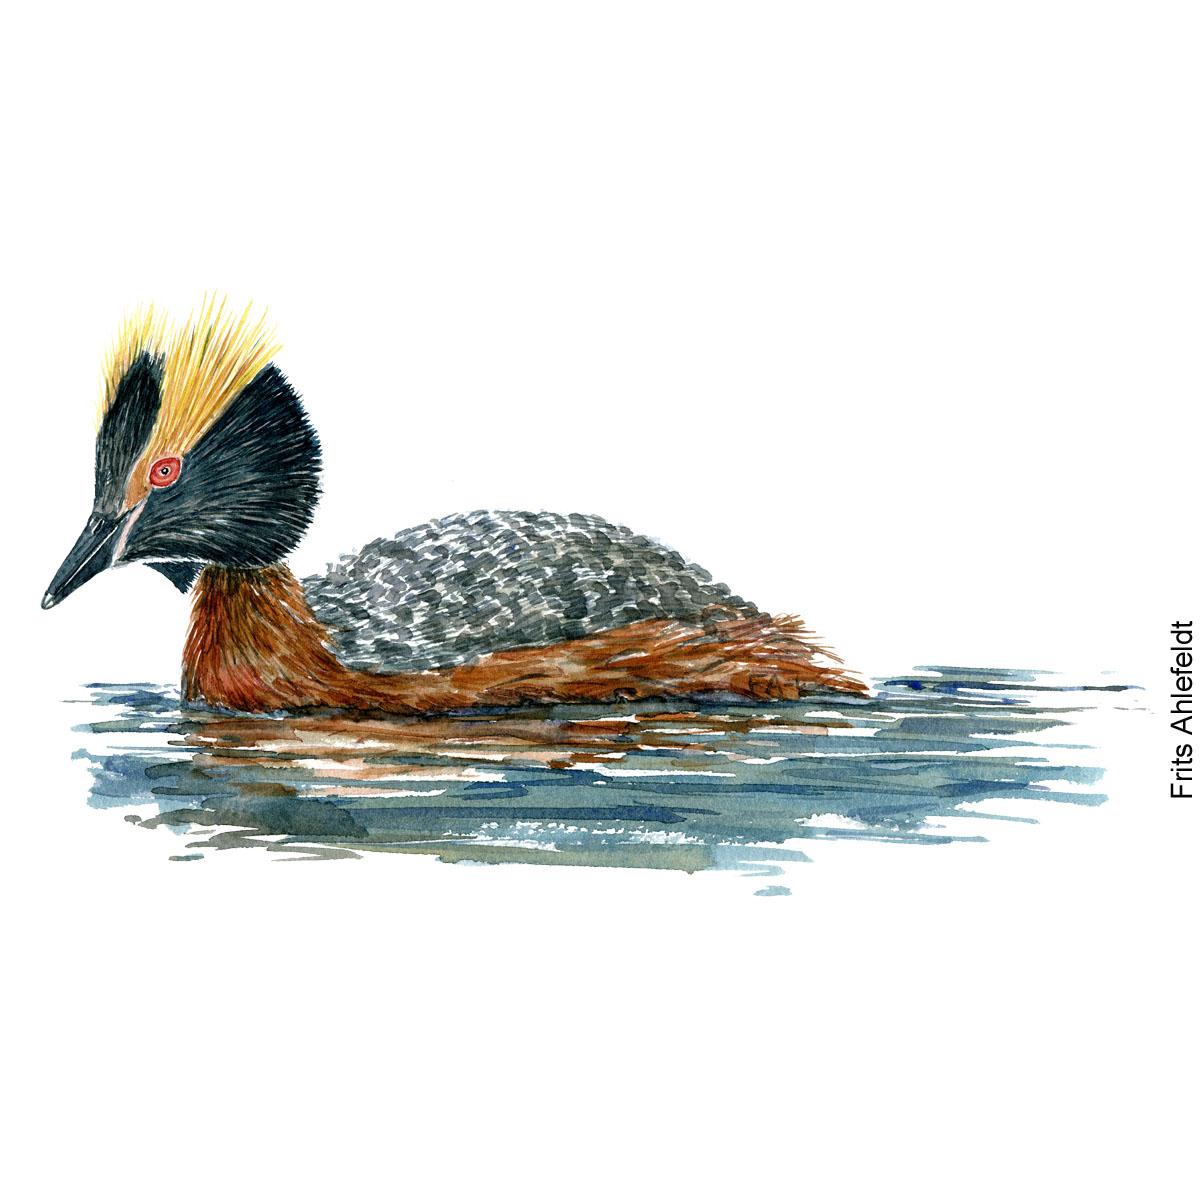 Nordisk lappedykker - Horned grebe Bird watercolor. Fugle akvarel af Frits Ahlefeldt